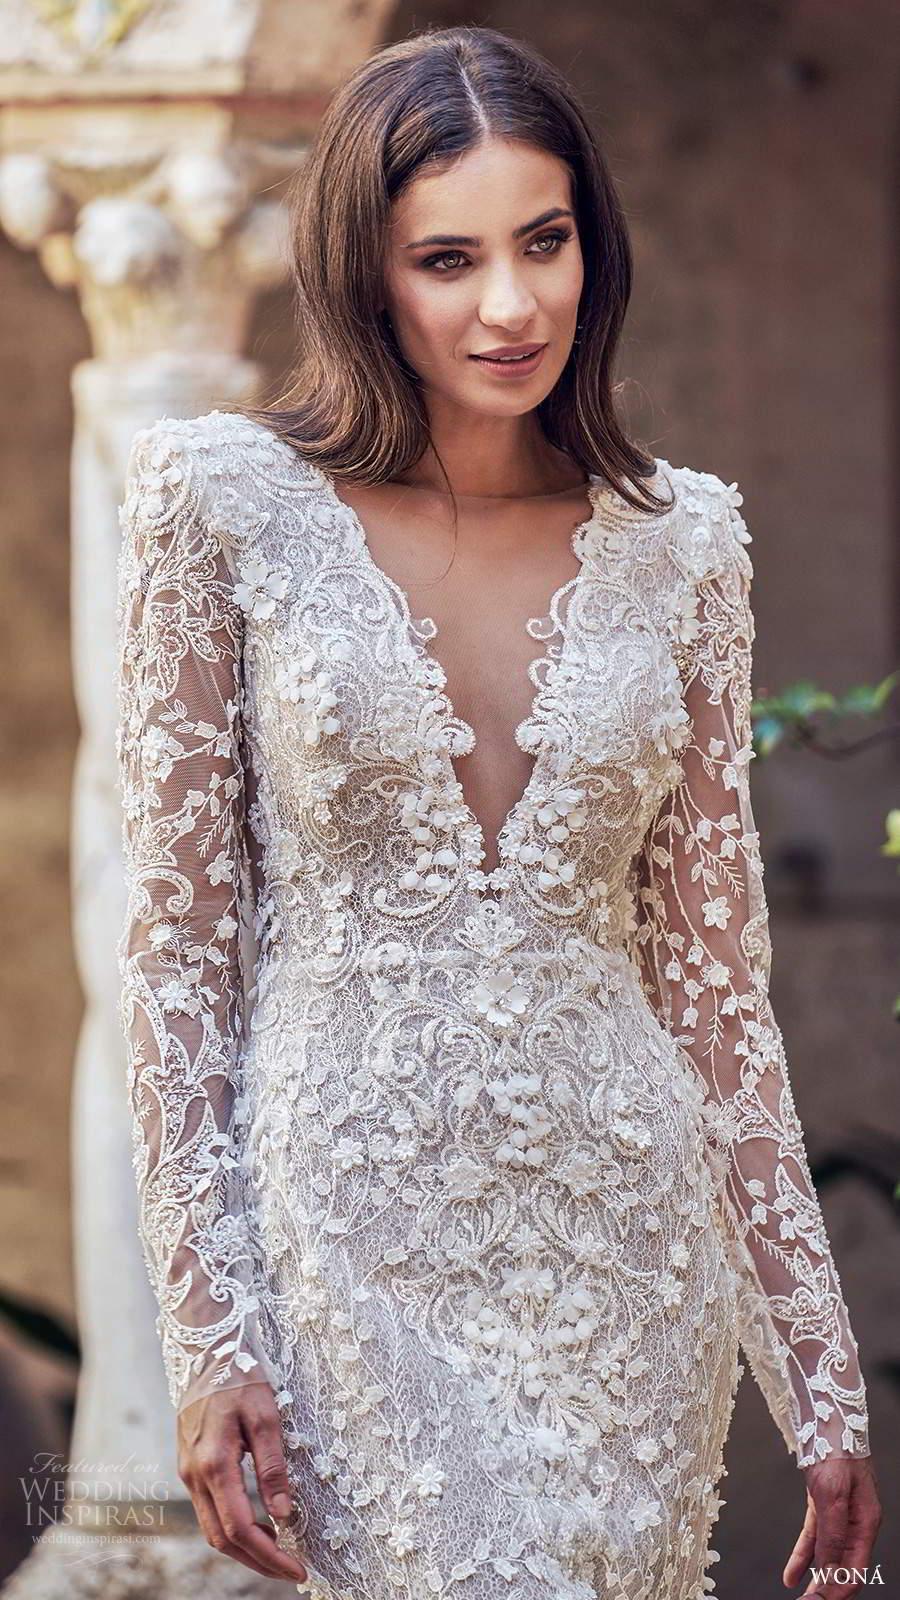 wona fall 2020 bridal illusion long sleeves plunging v neckline fully embellished fit flare sheath mermaid wedding dress keyhole back chapel train (13) mv